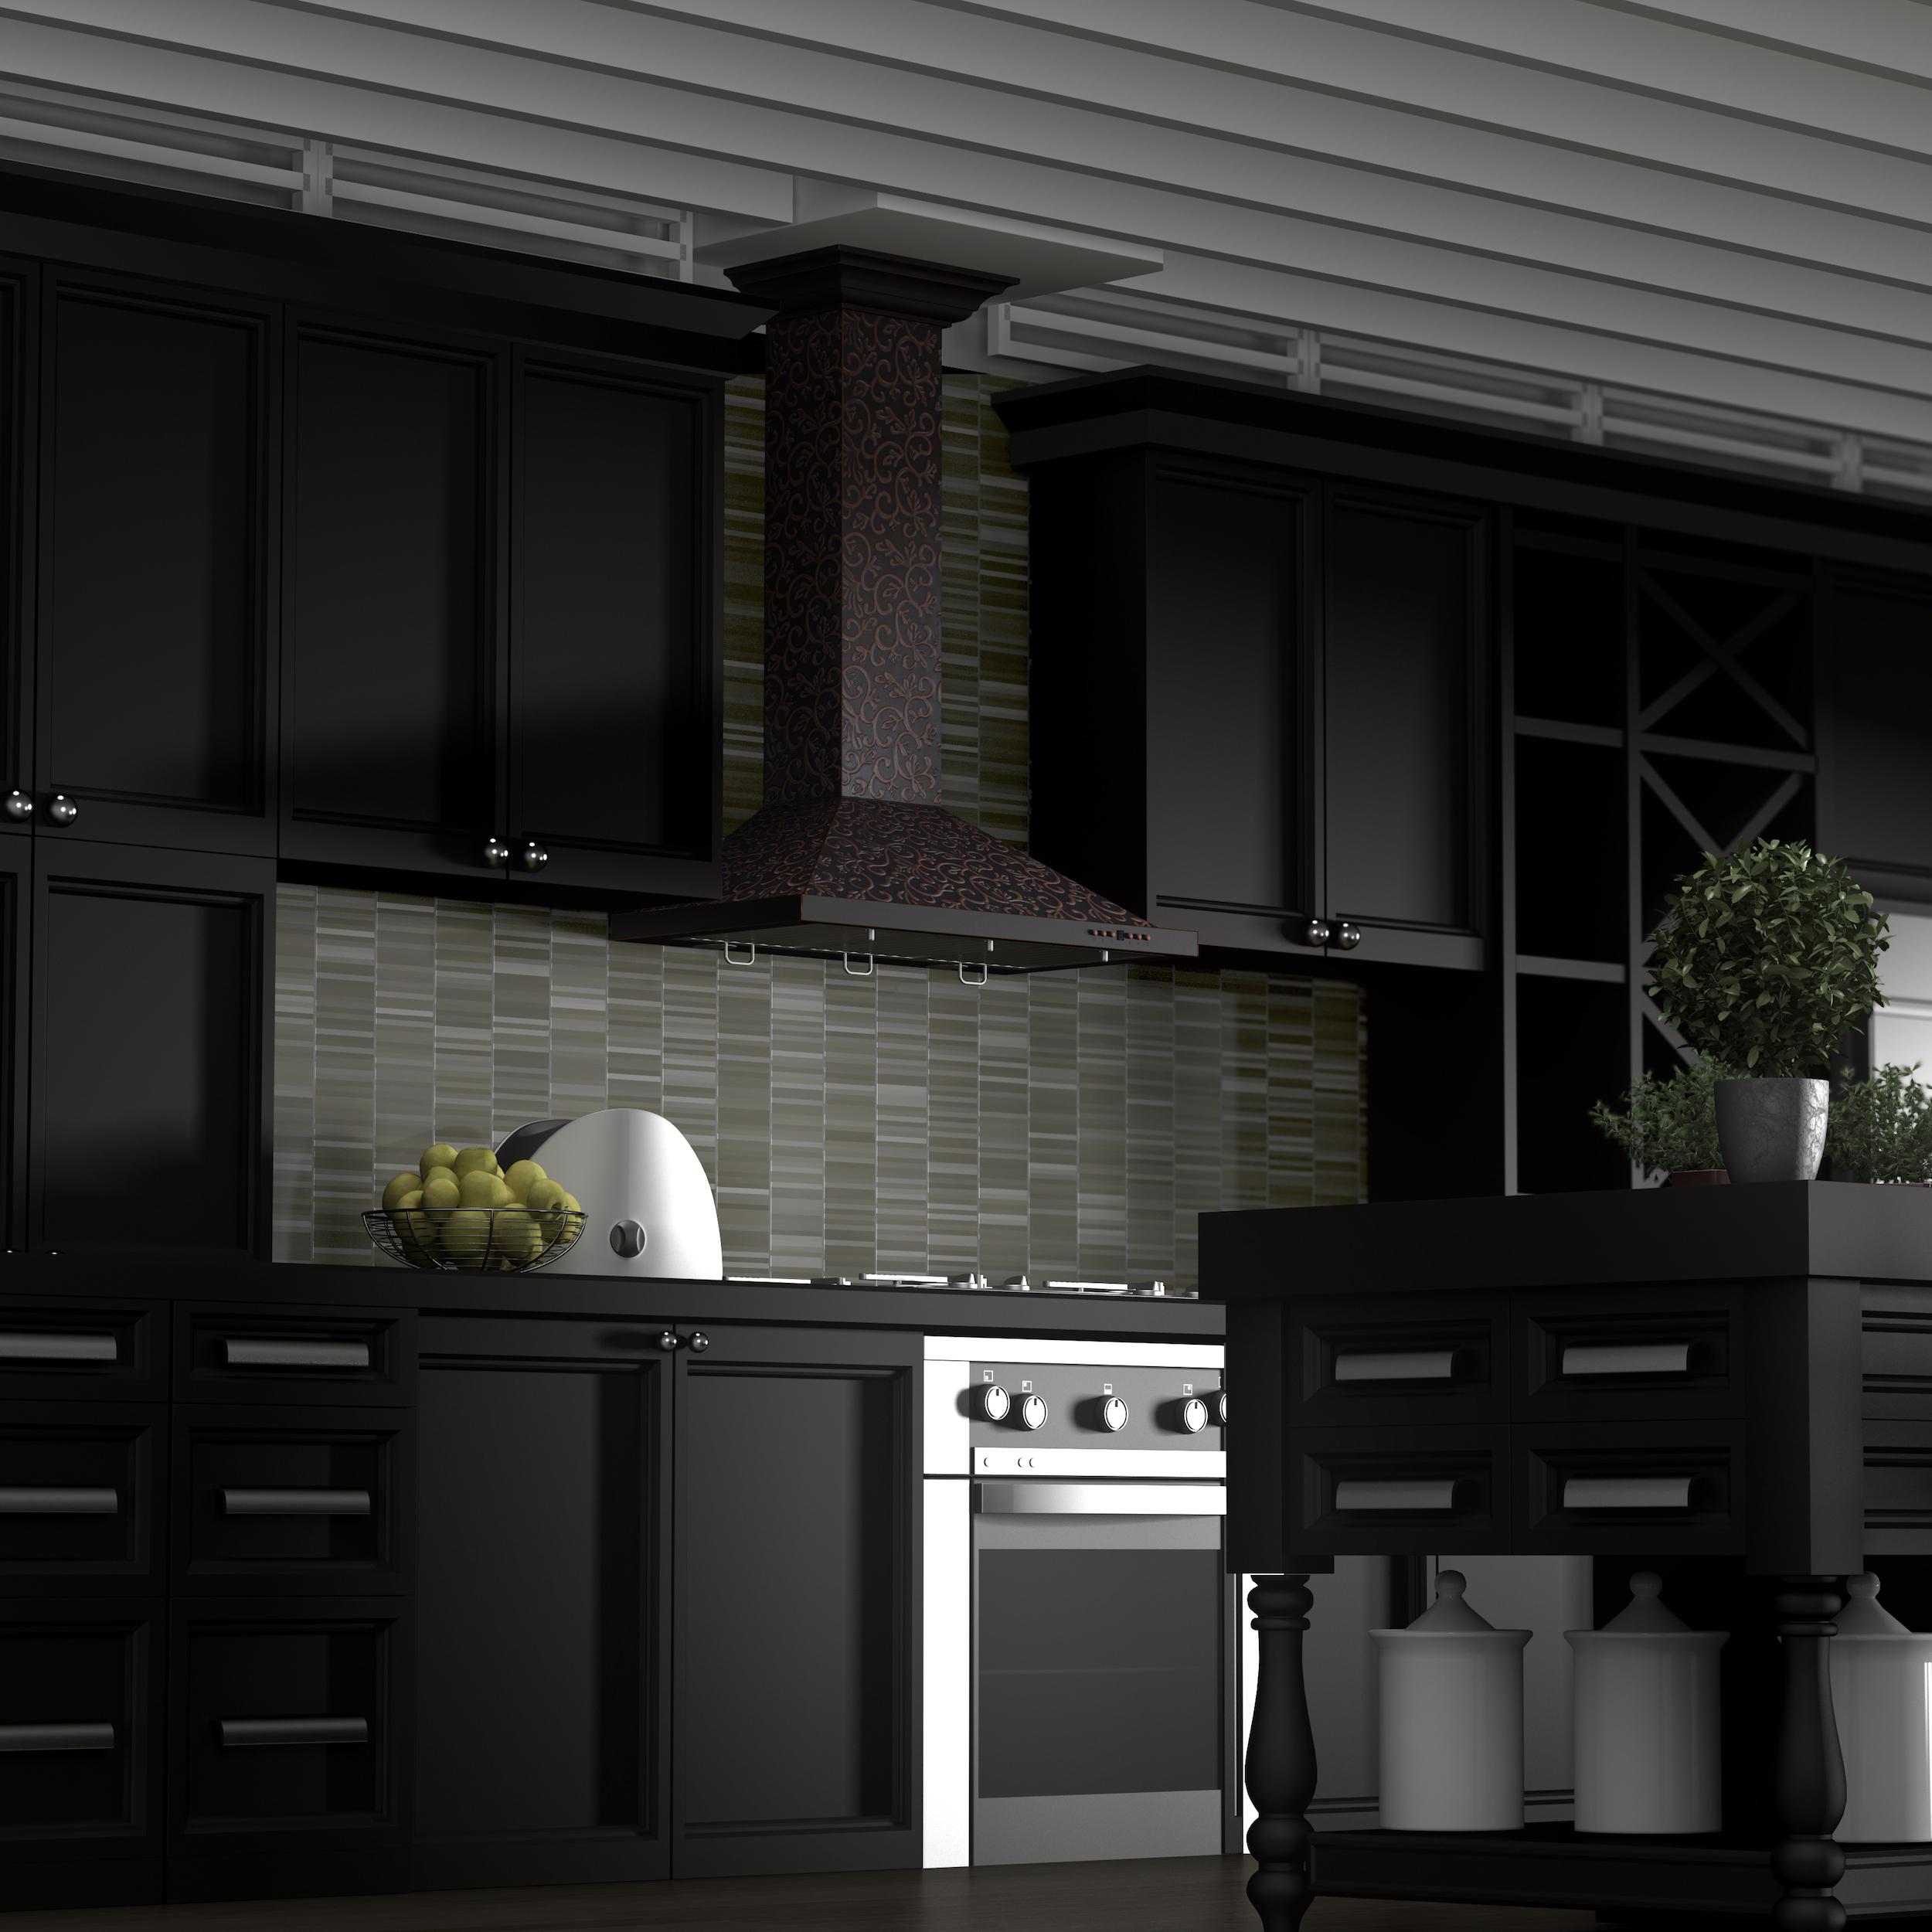 zline-copper-wall-mounted-range-hood-8KBF-kitchen.jpg